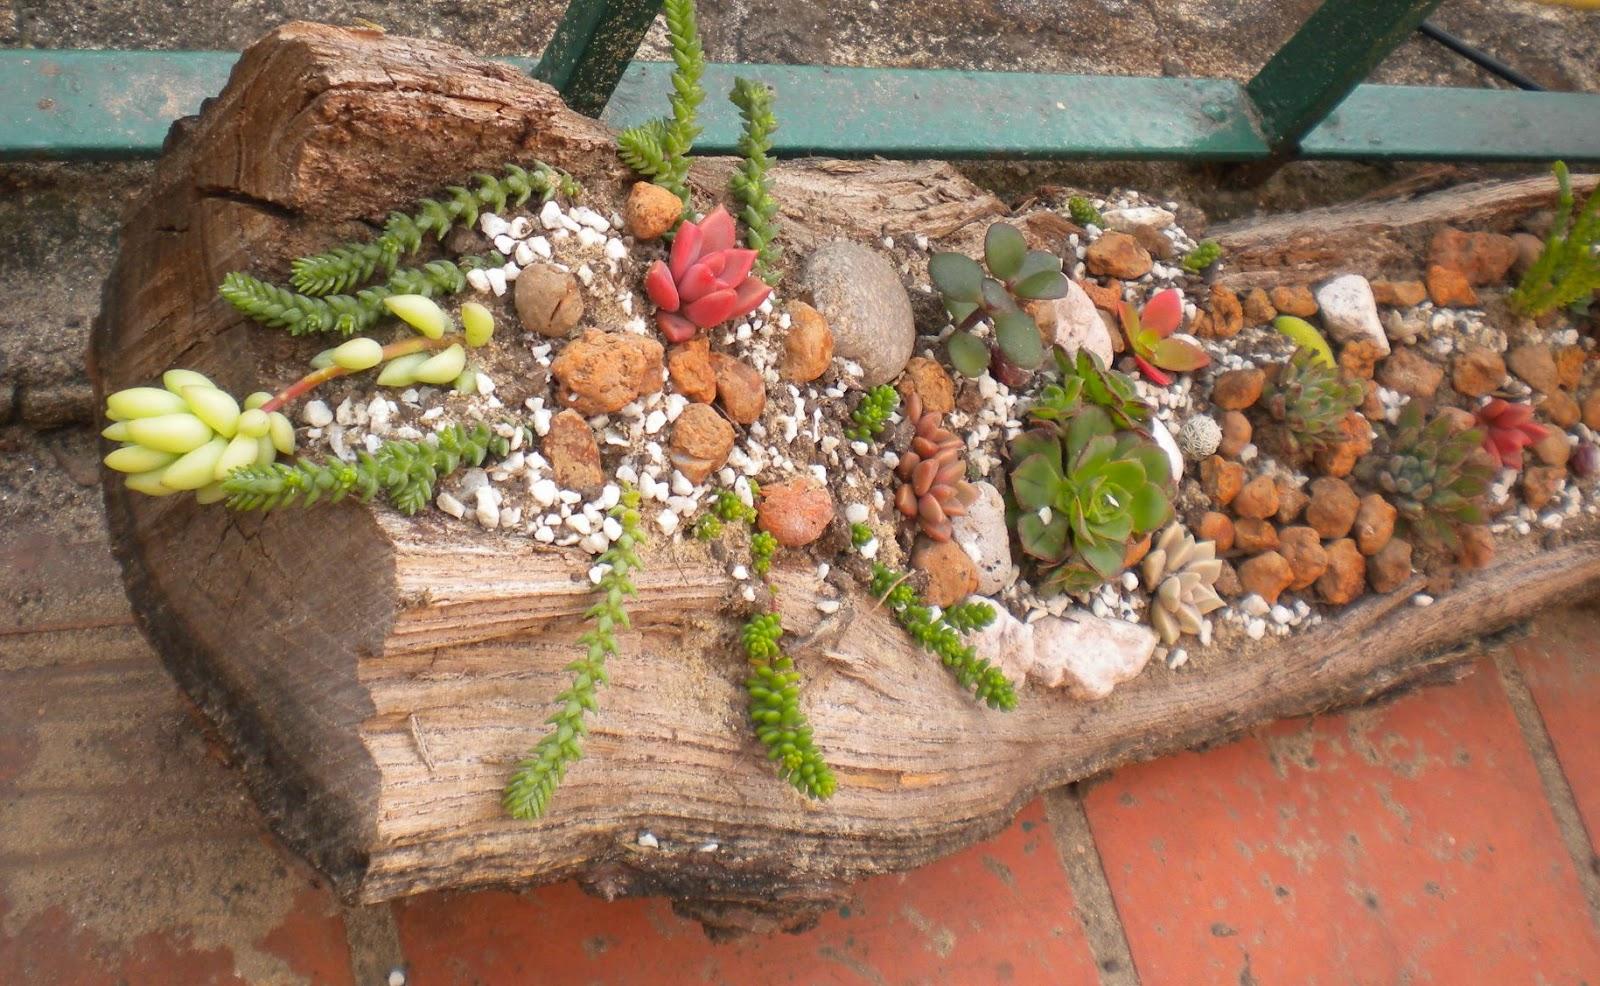 En armon a con la naturaleza mini jard n de suculentas y for Jardines con piedras y troncos